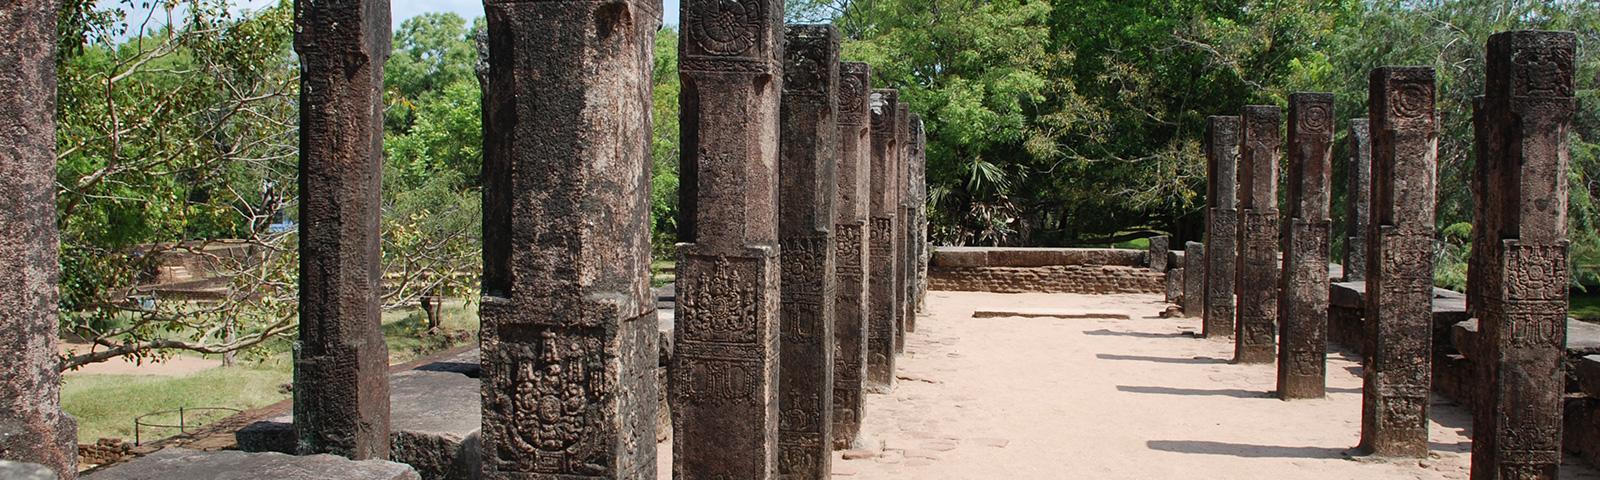 Heritage Site in Sri Lanka